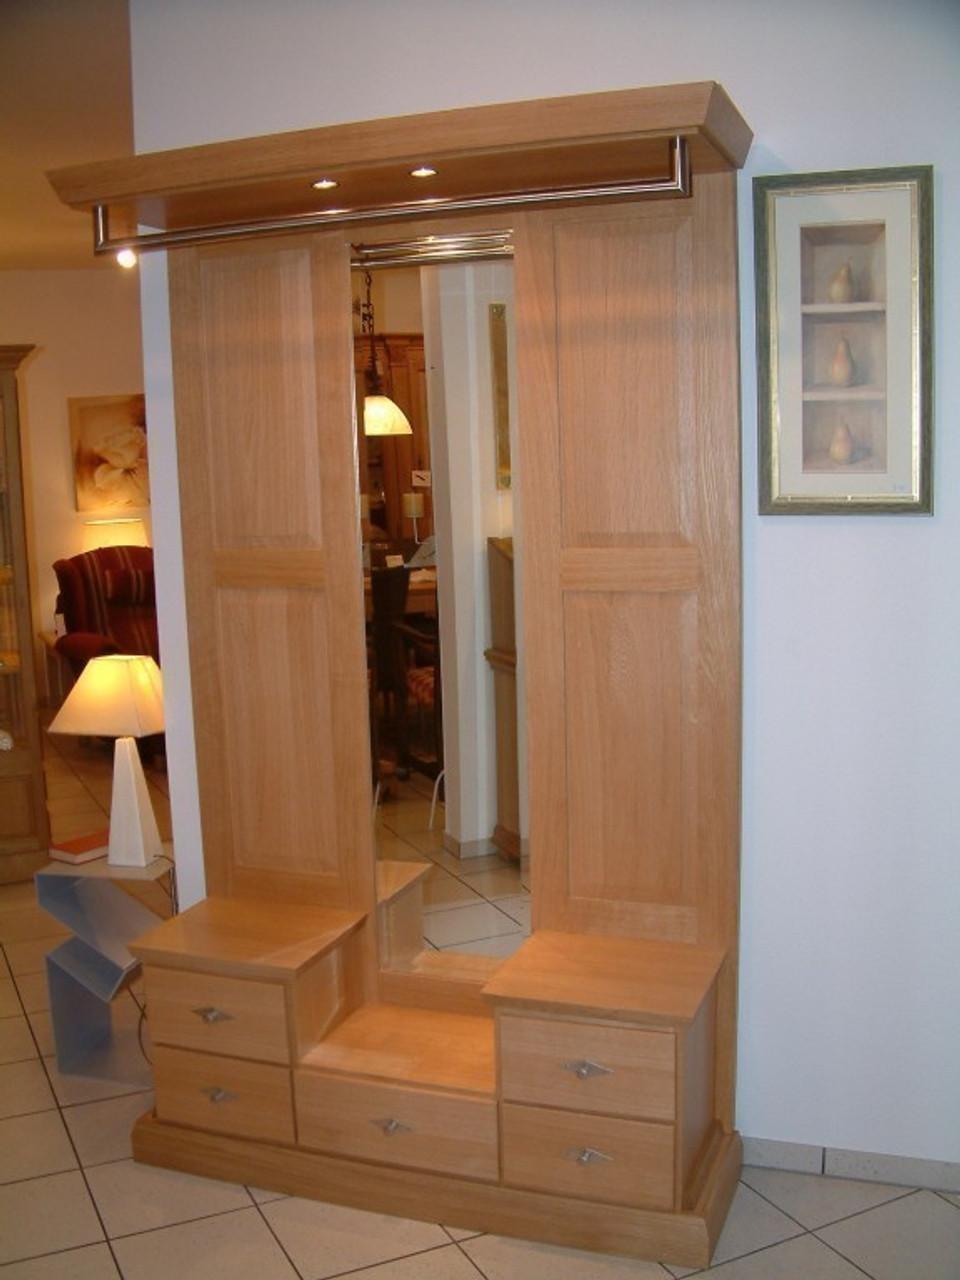 garderobe malta die moderne landhaus garderobe nach ma in eiche buche oder kirschbaum. Black Bedroom Furniture Sets. Home Design Ideas